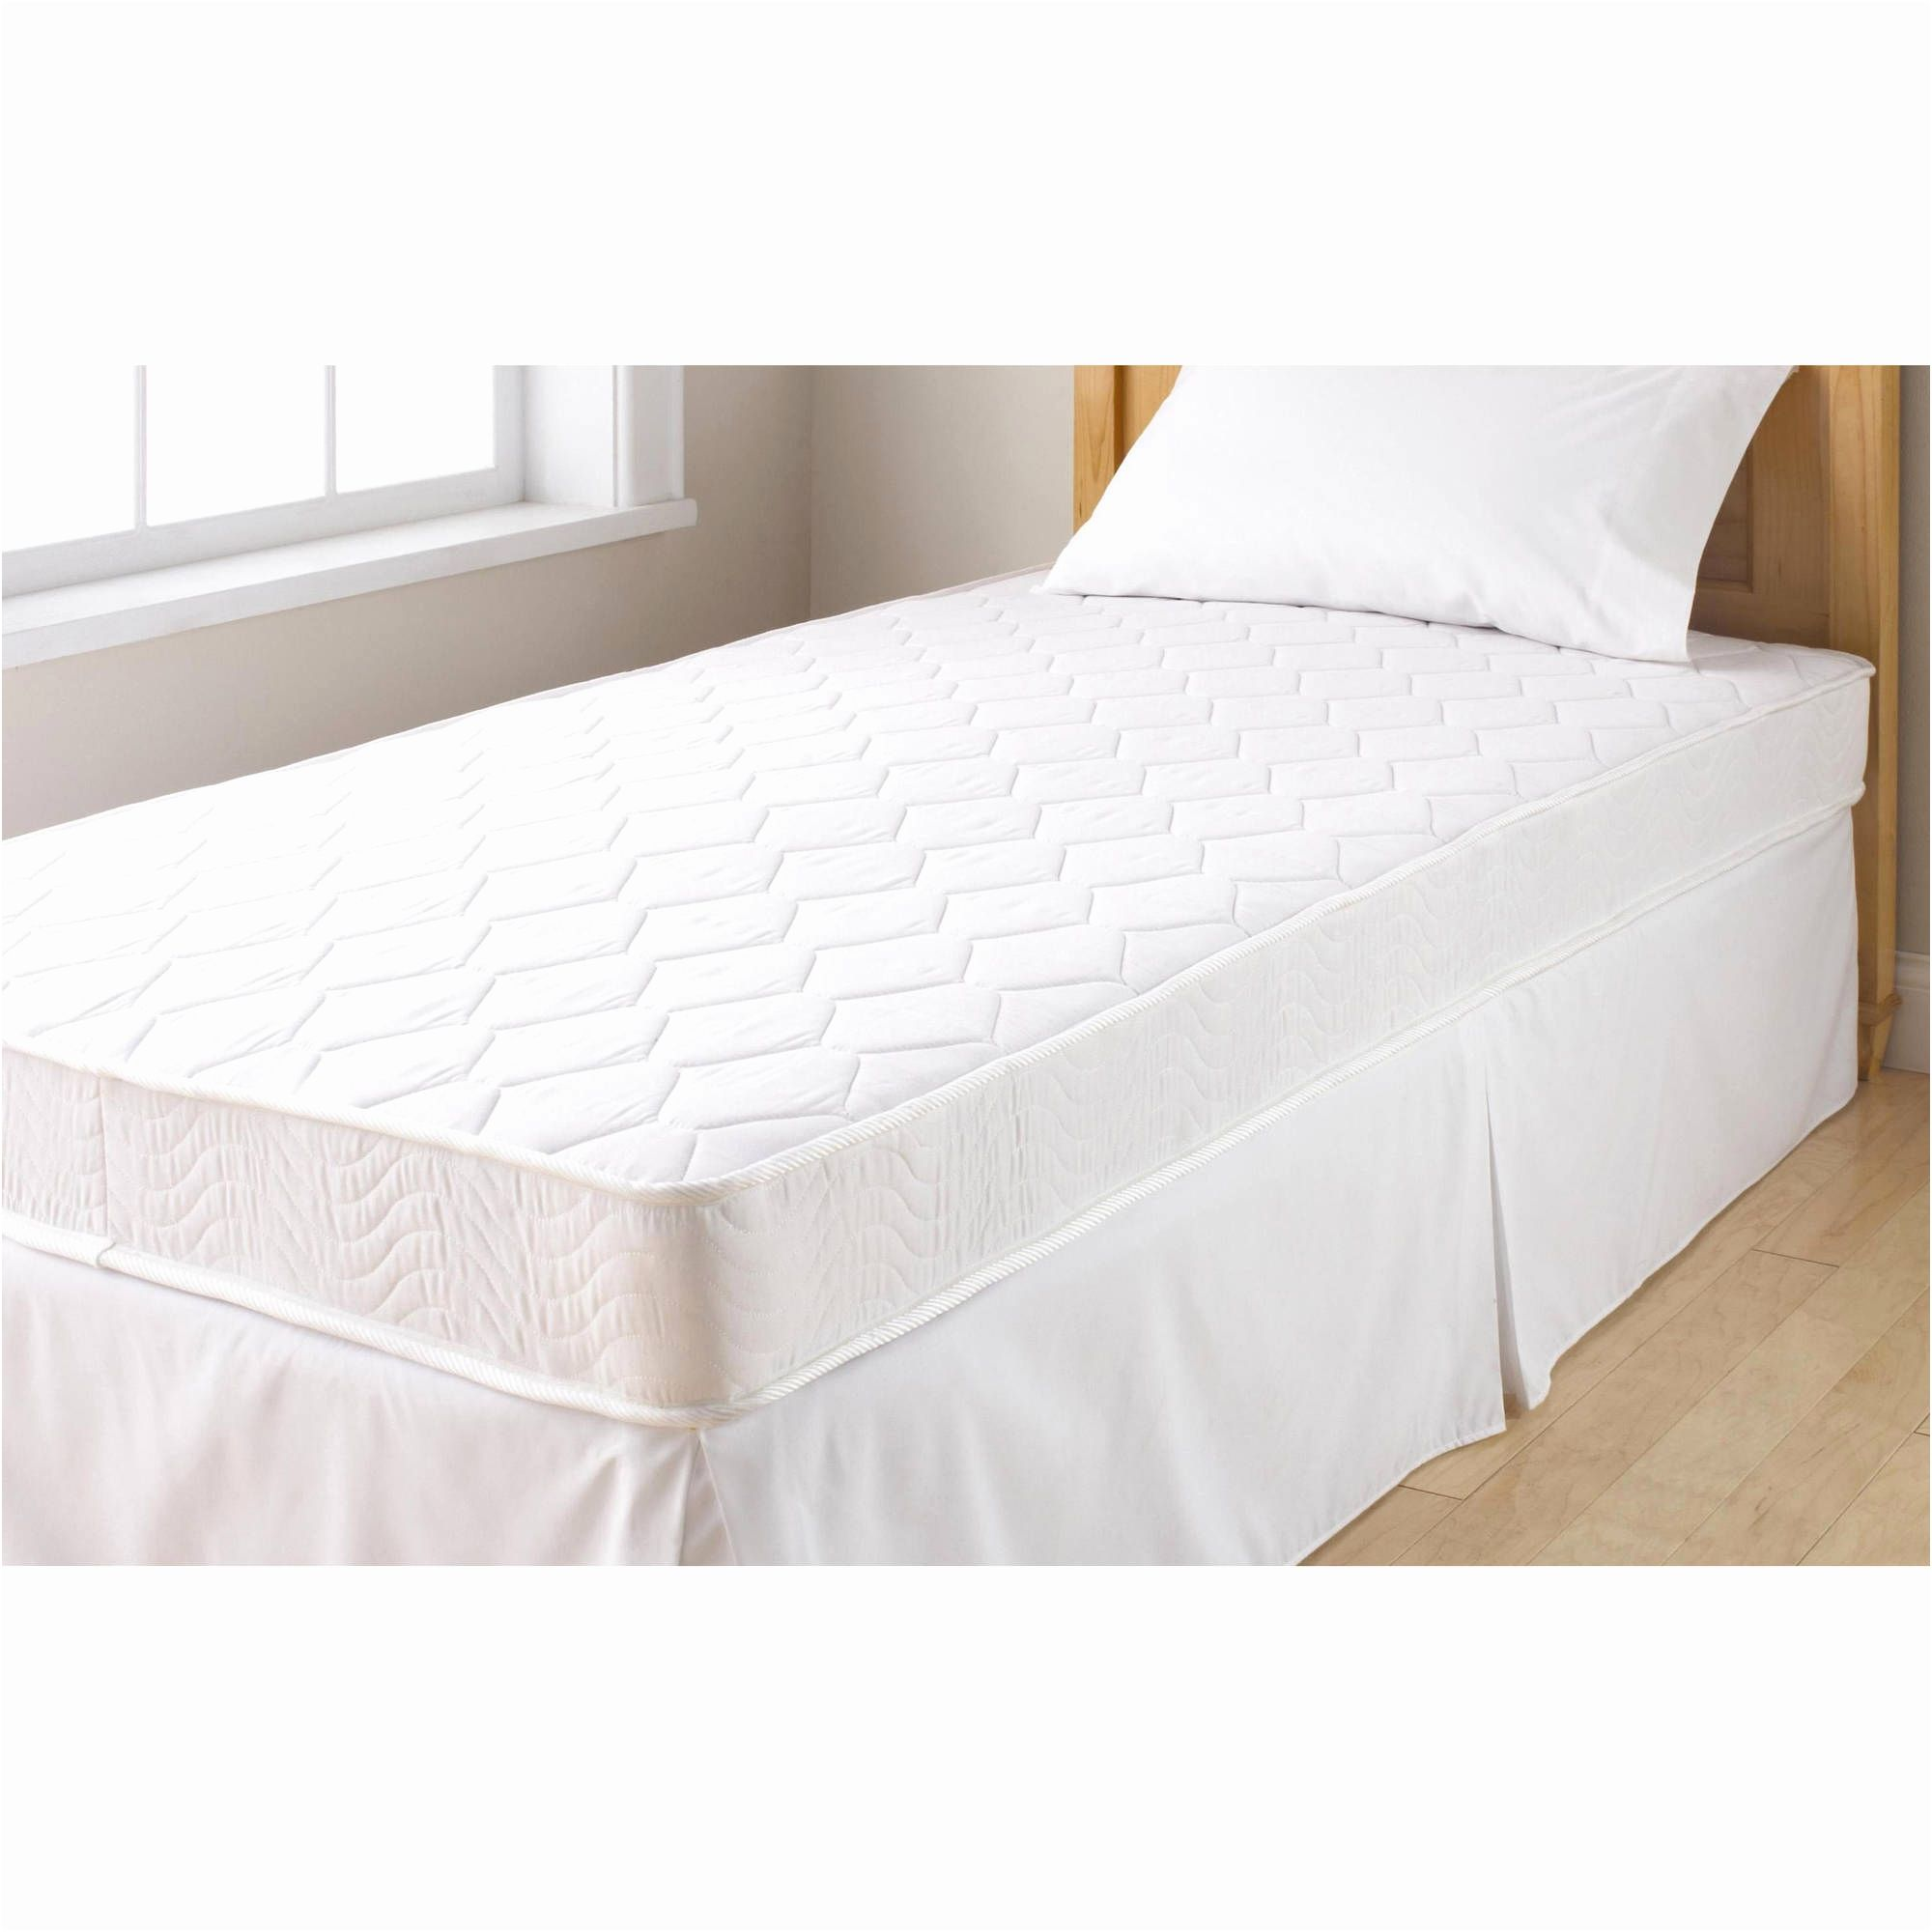 Gunstige Queen Memory Foam Matratze Mit Bildern Doppelbett Bett Matratze Bett Ideen